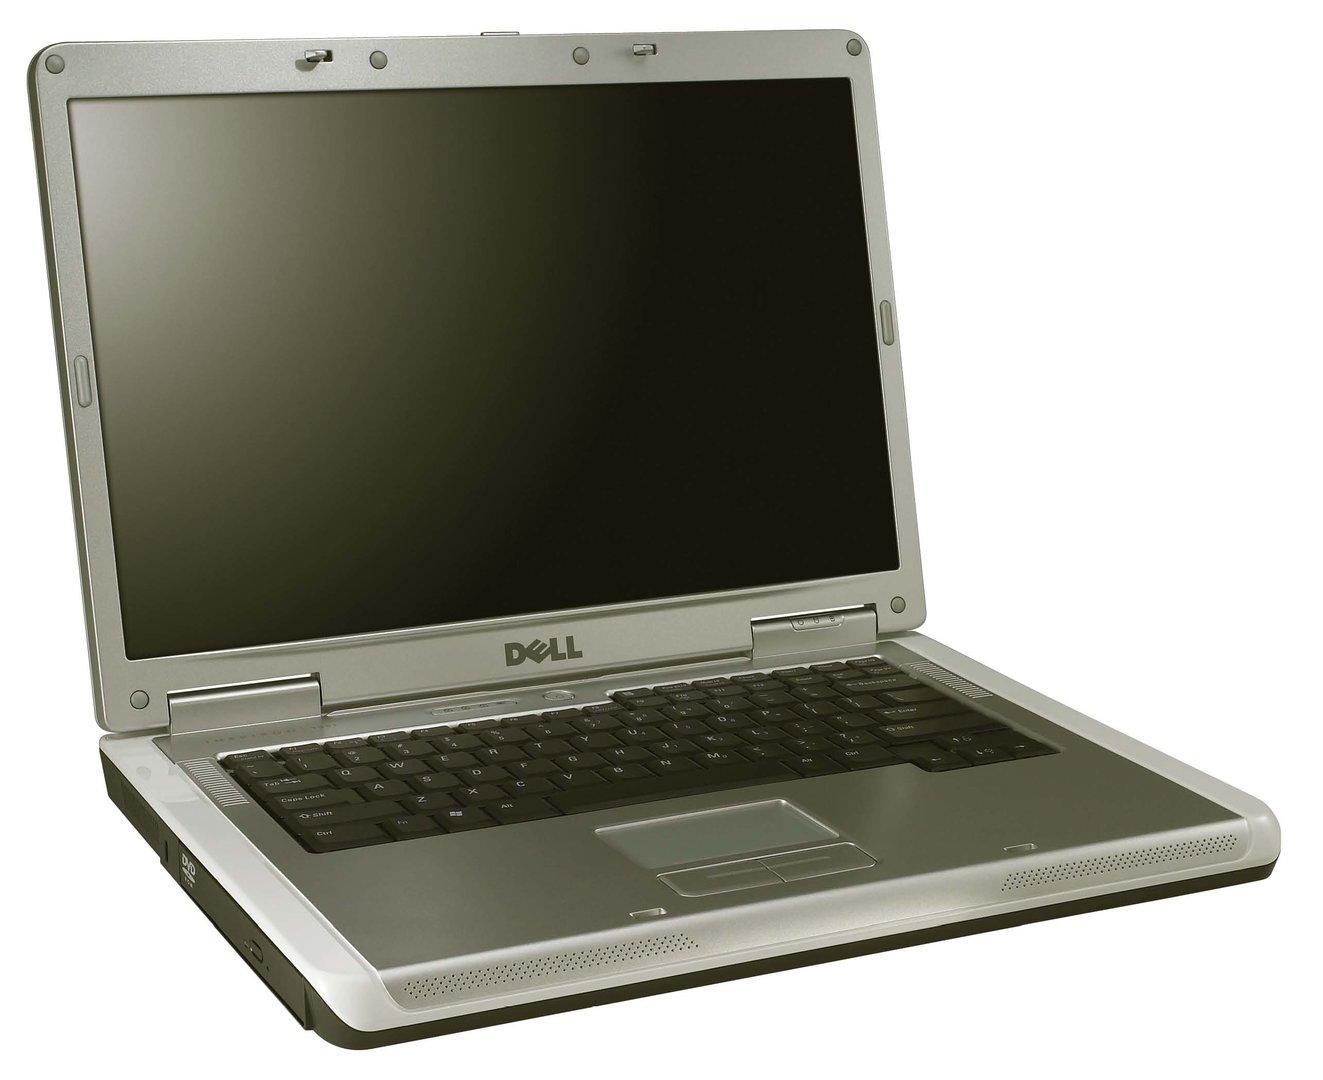 Dell Inspiron Serie